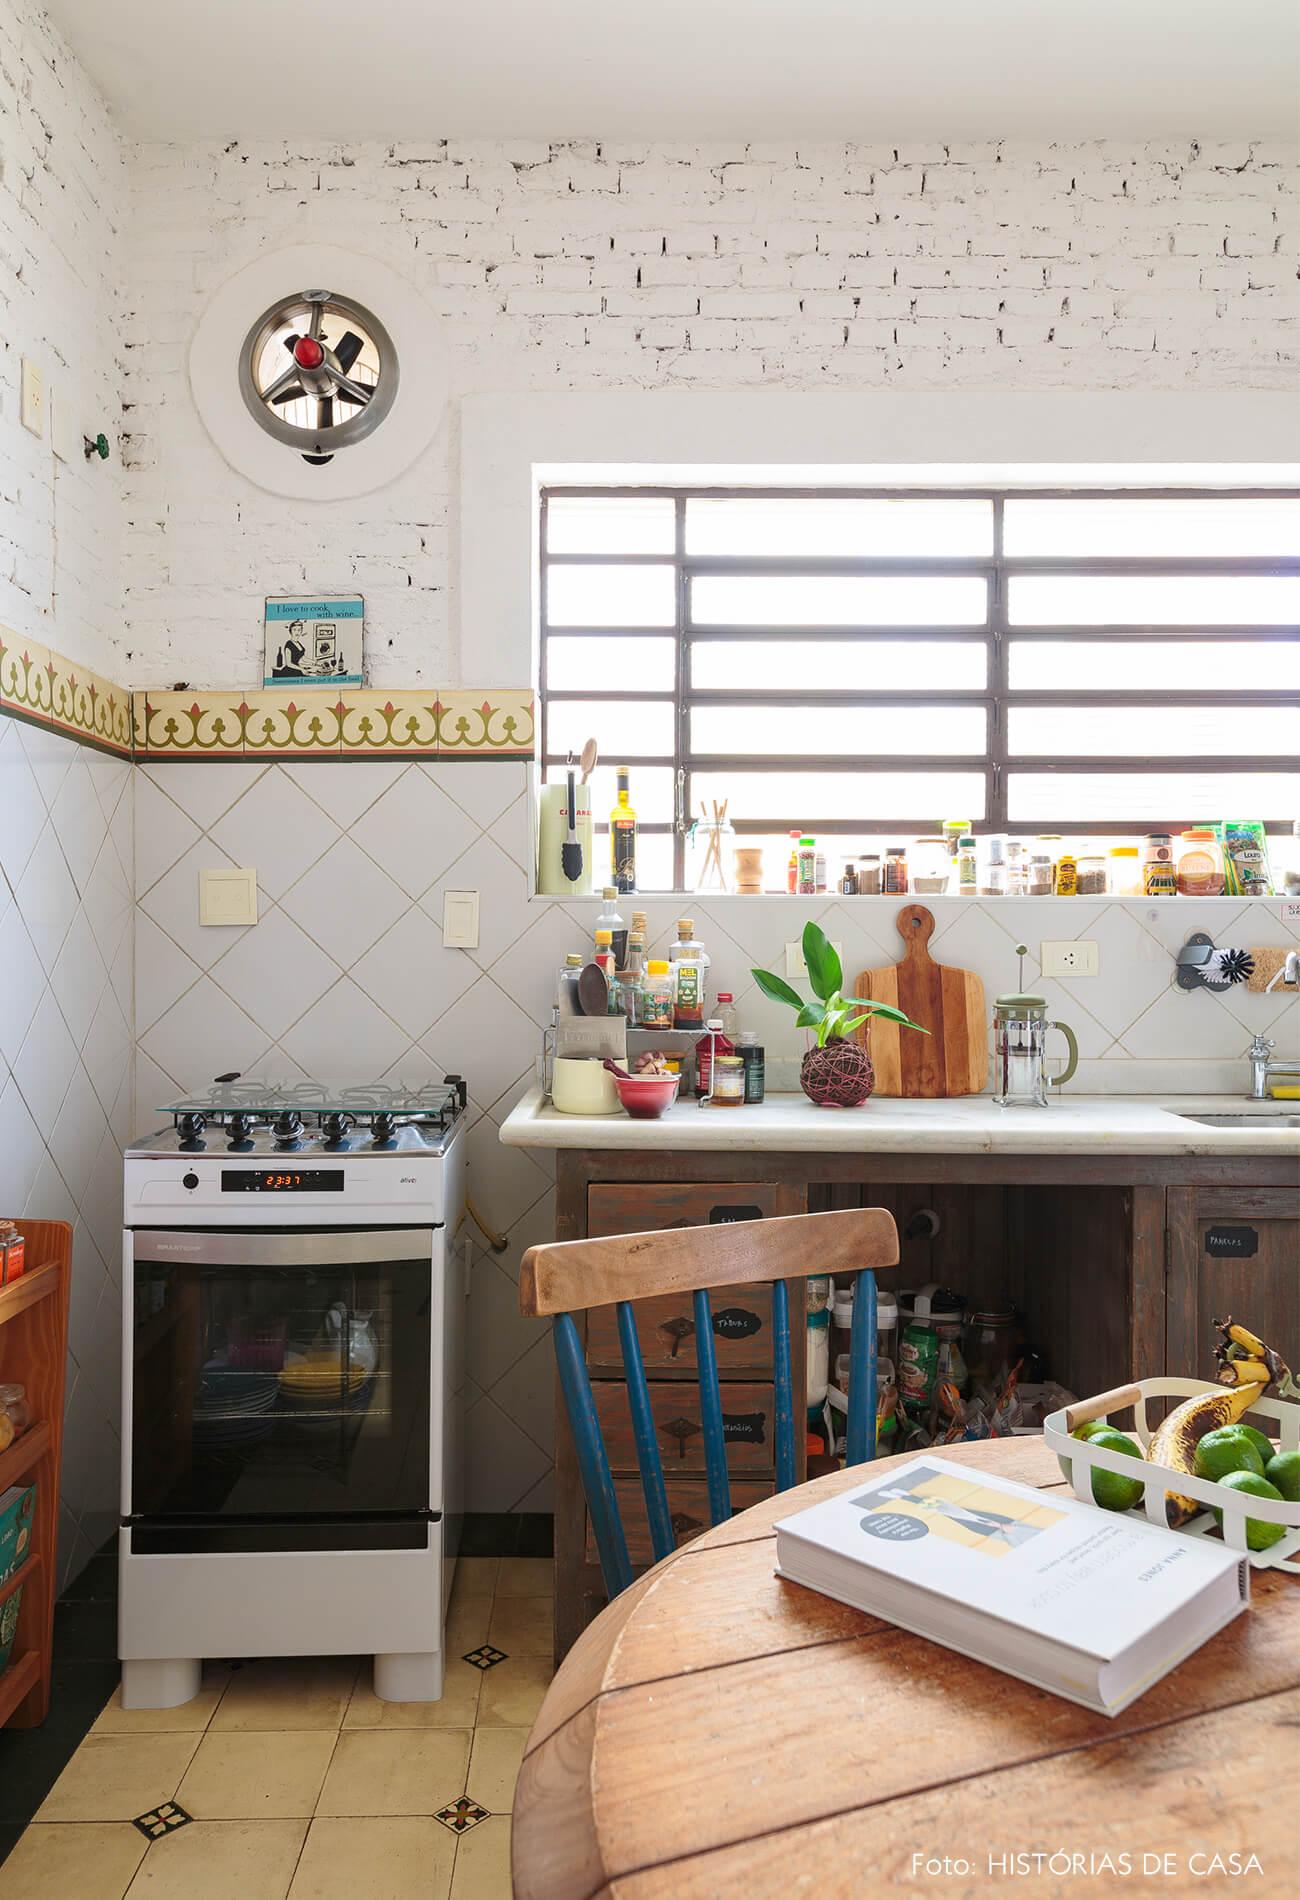 decoração cozinha com parede de tijolos brancos e azulejos coloridos mesa de madeira